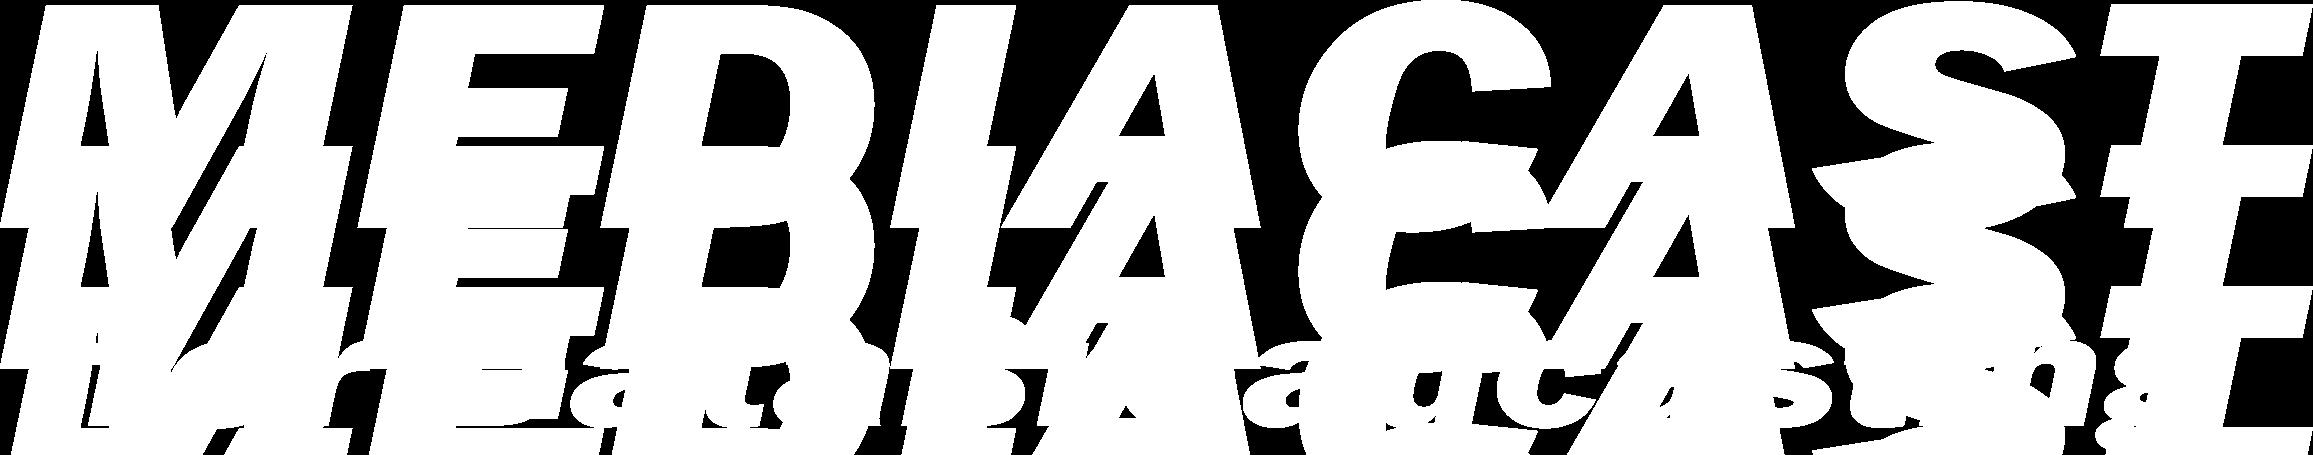 MEDIACAST for DataBroadcasting